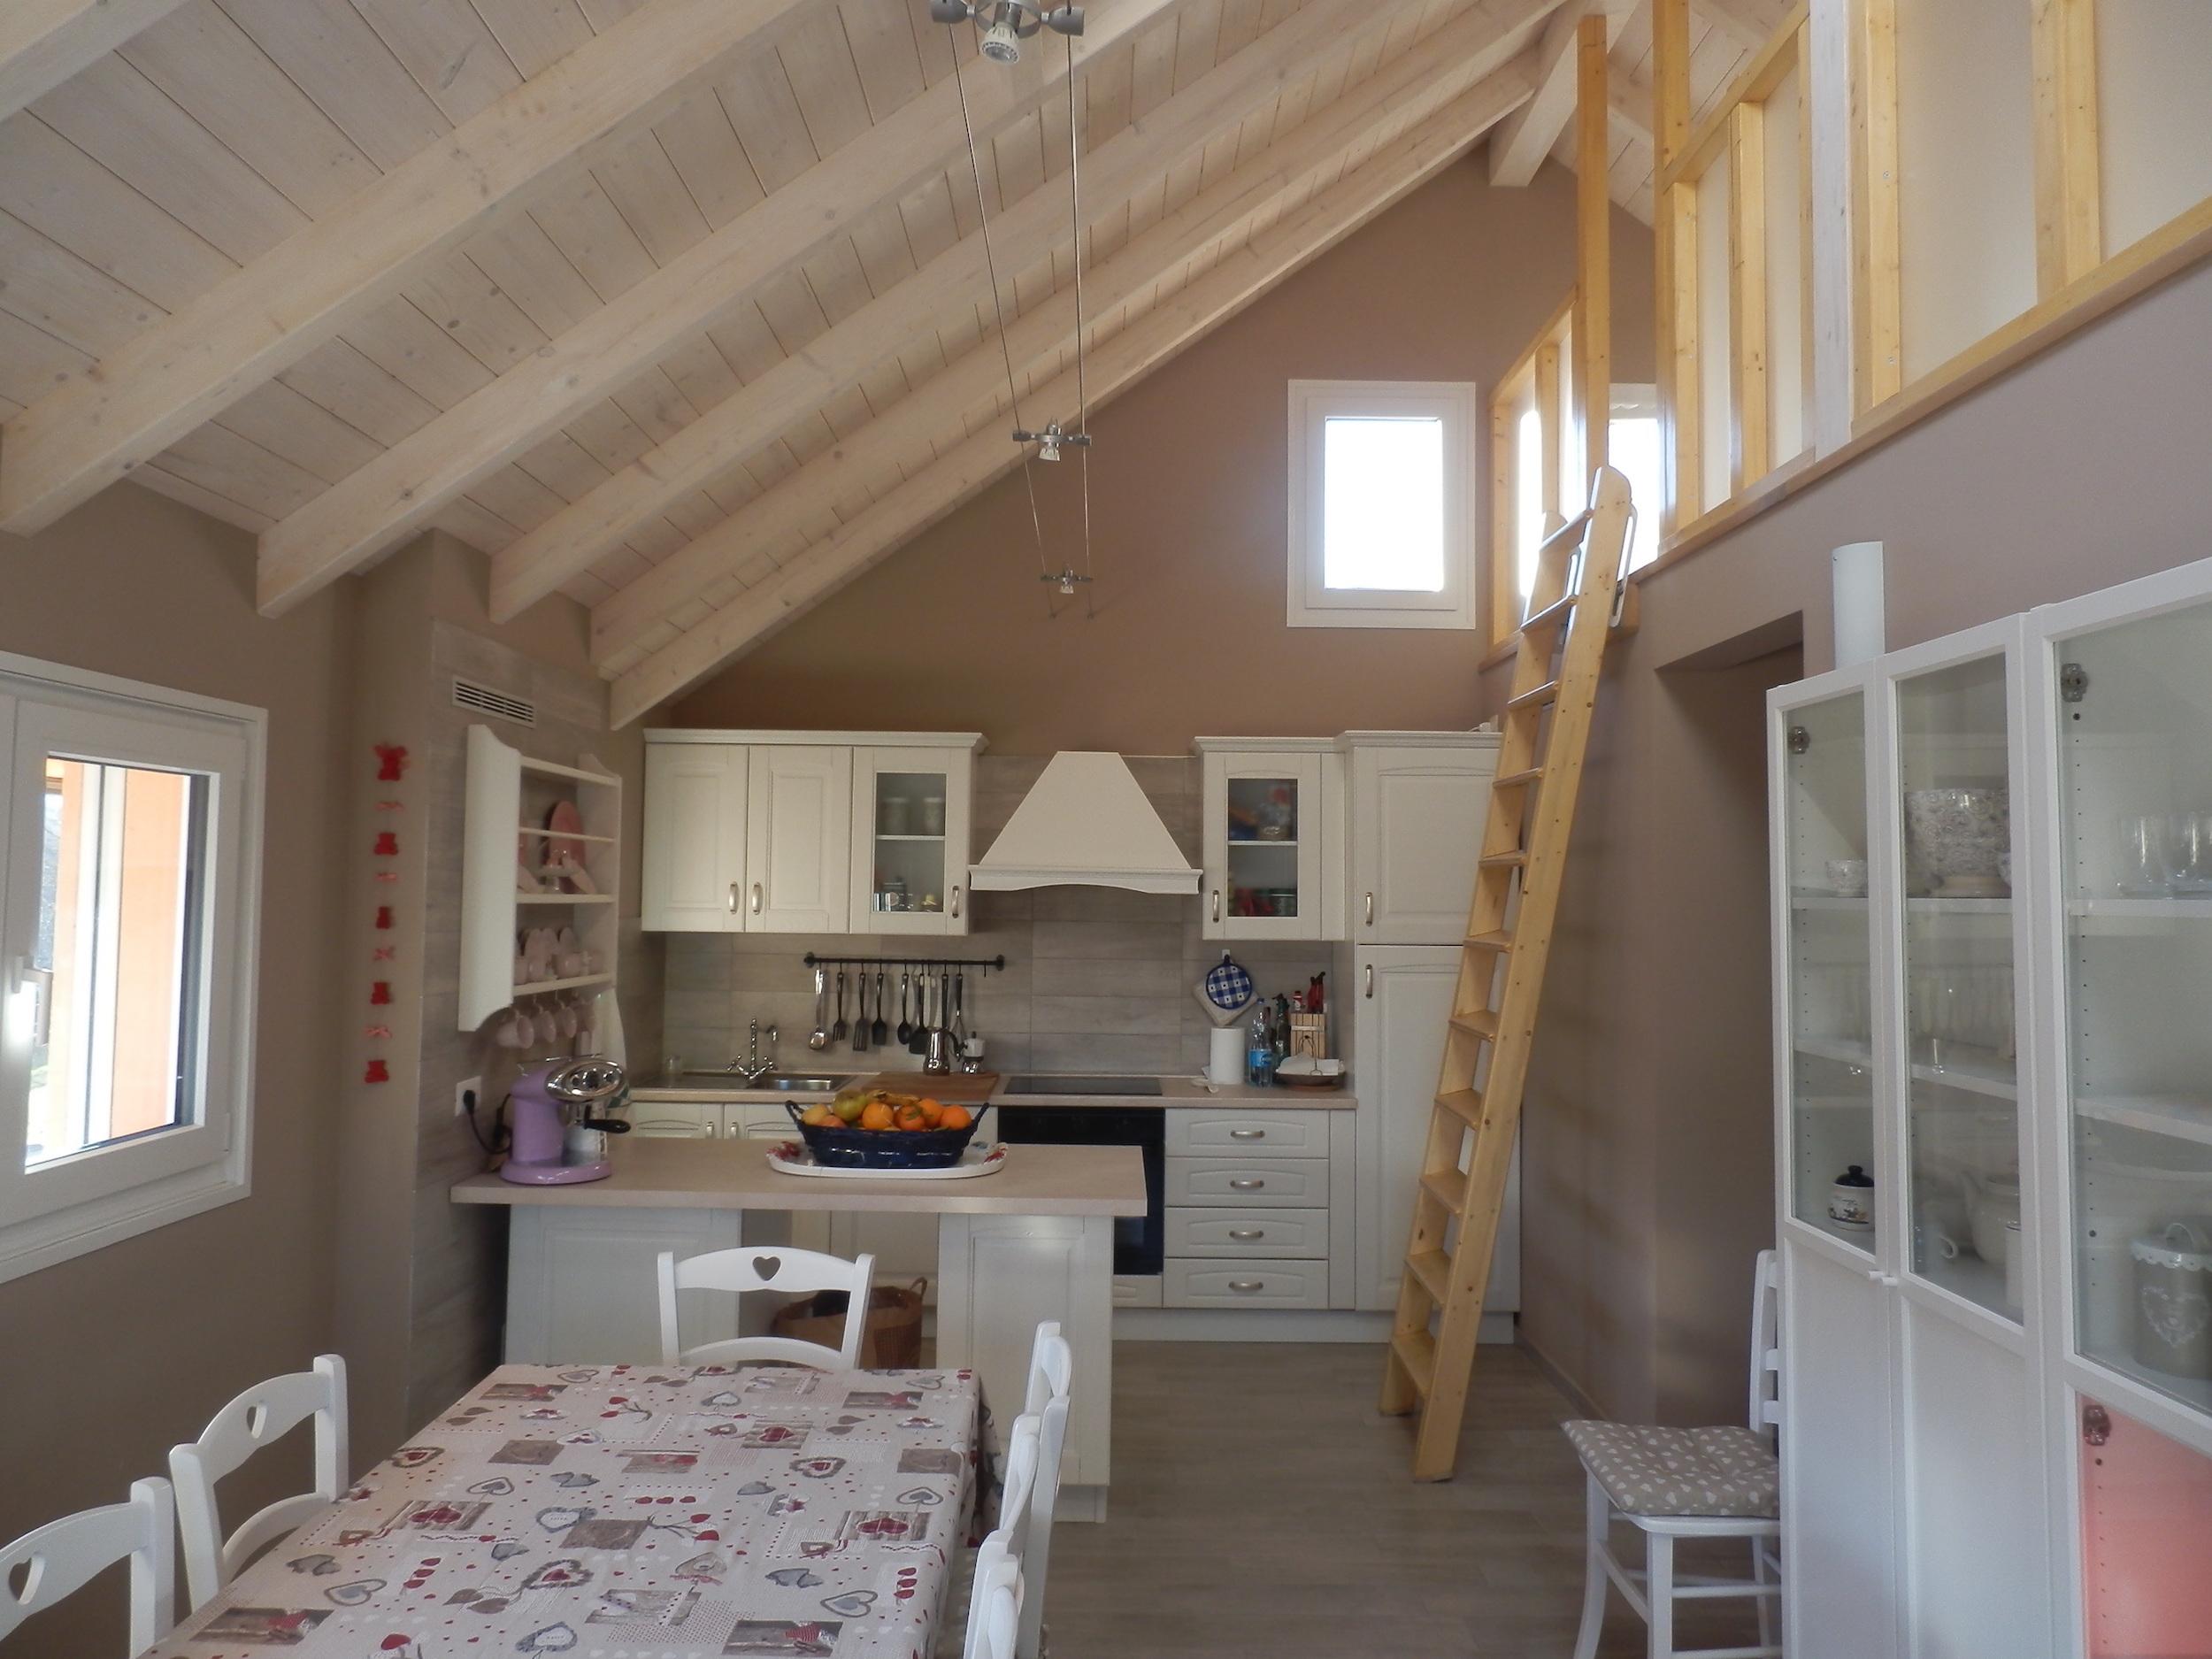 Novello la casa dei miei sogni chiara fedele interior design for Casa dei sogni di design per la casa